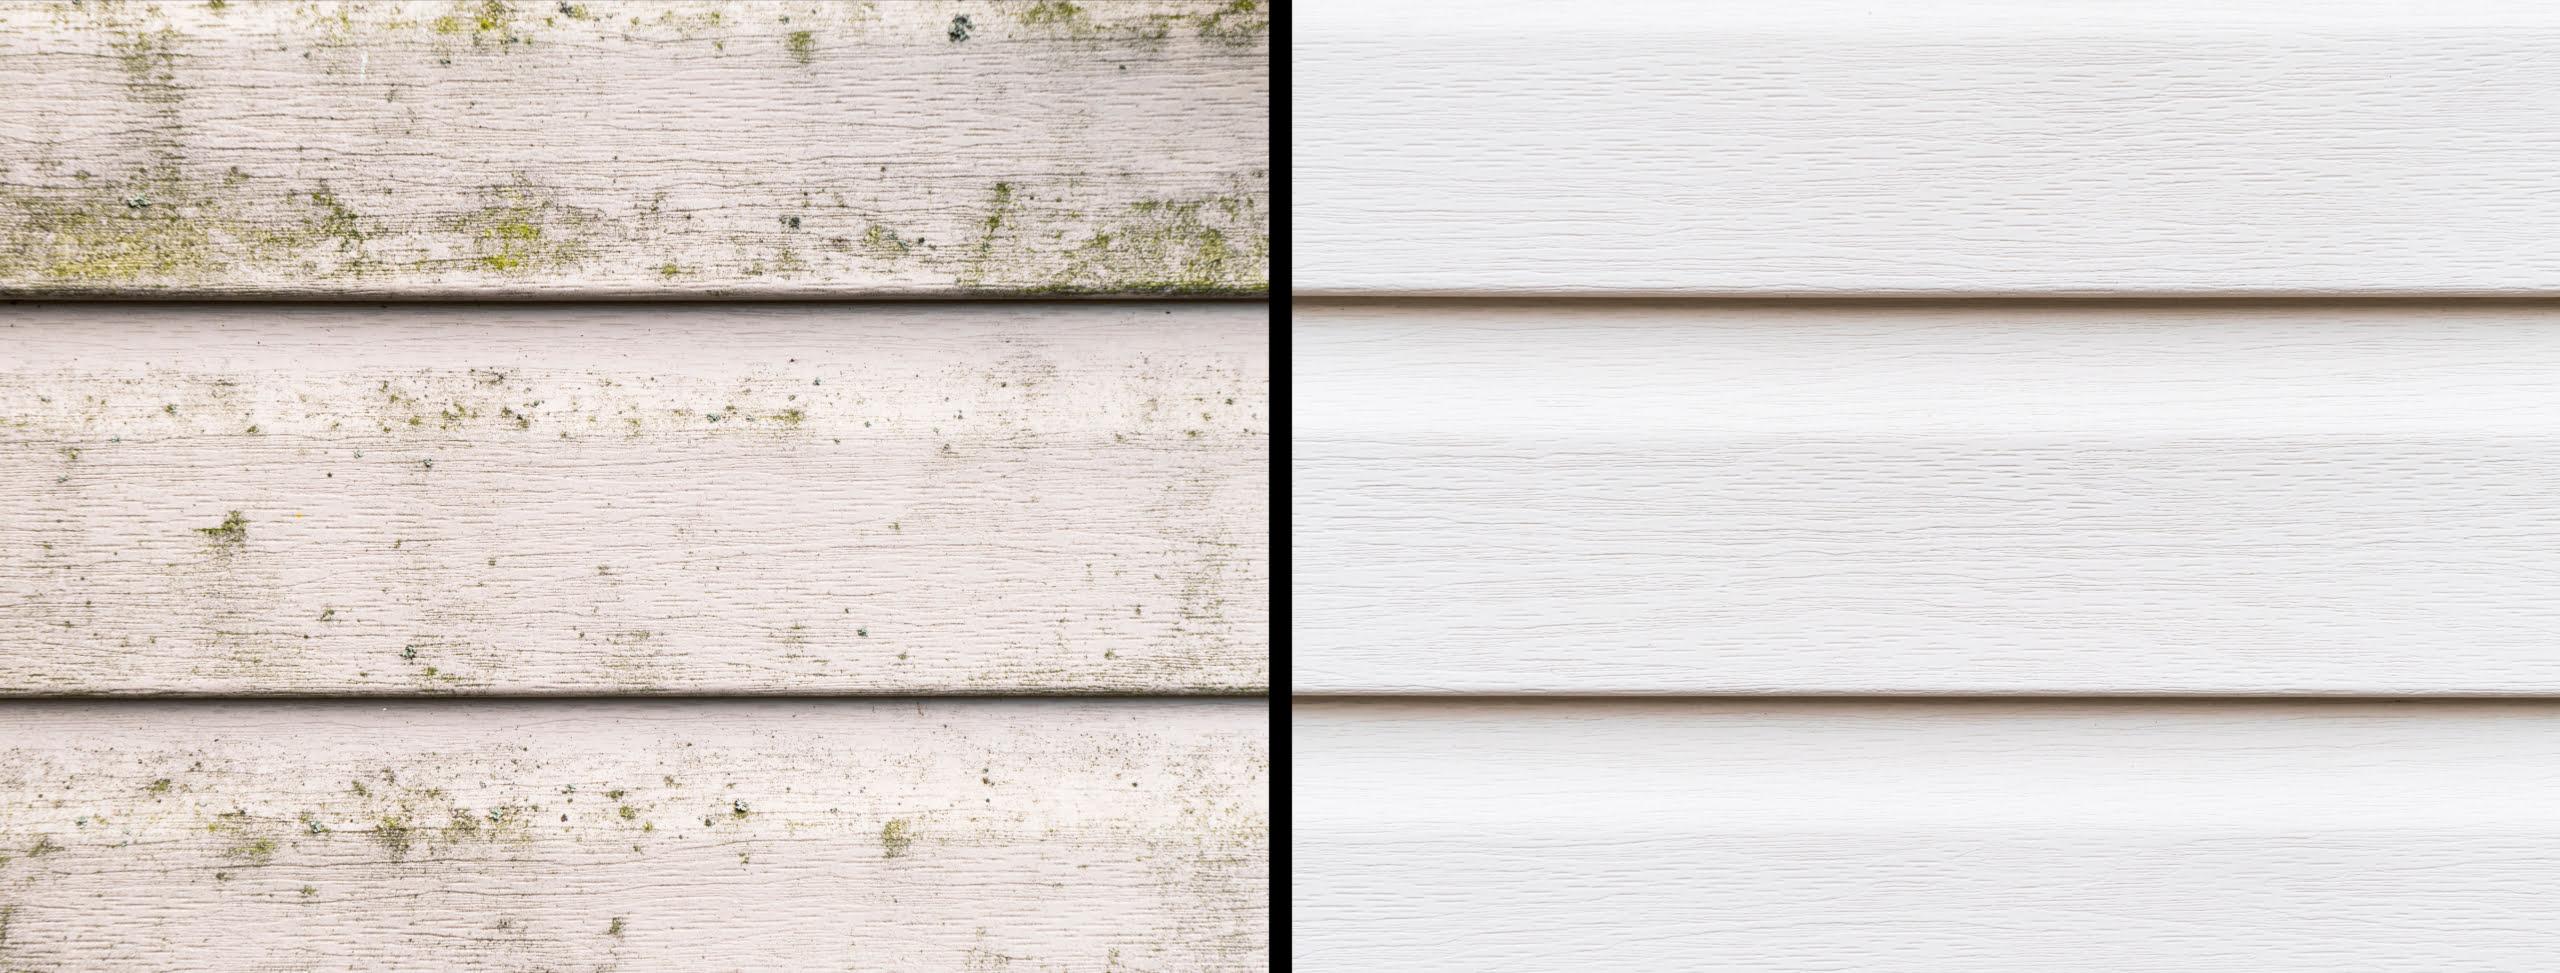 närbild av träfasad visas före och efter rengöring